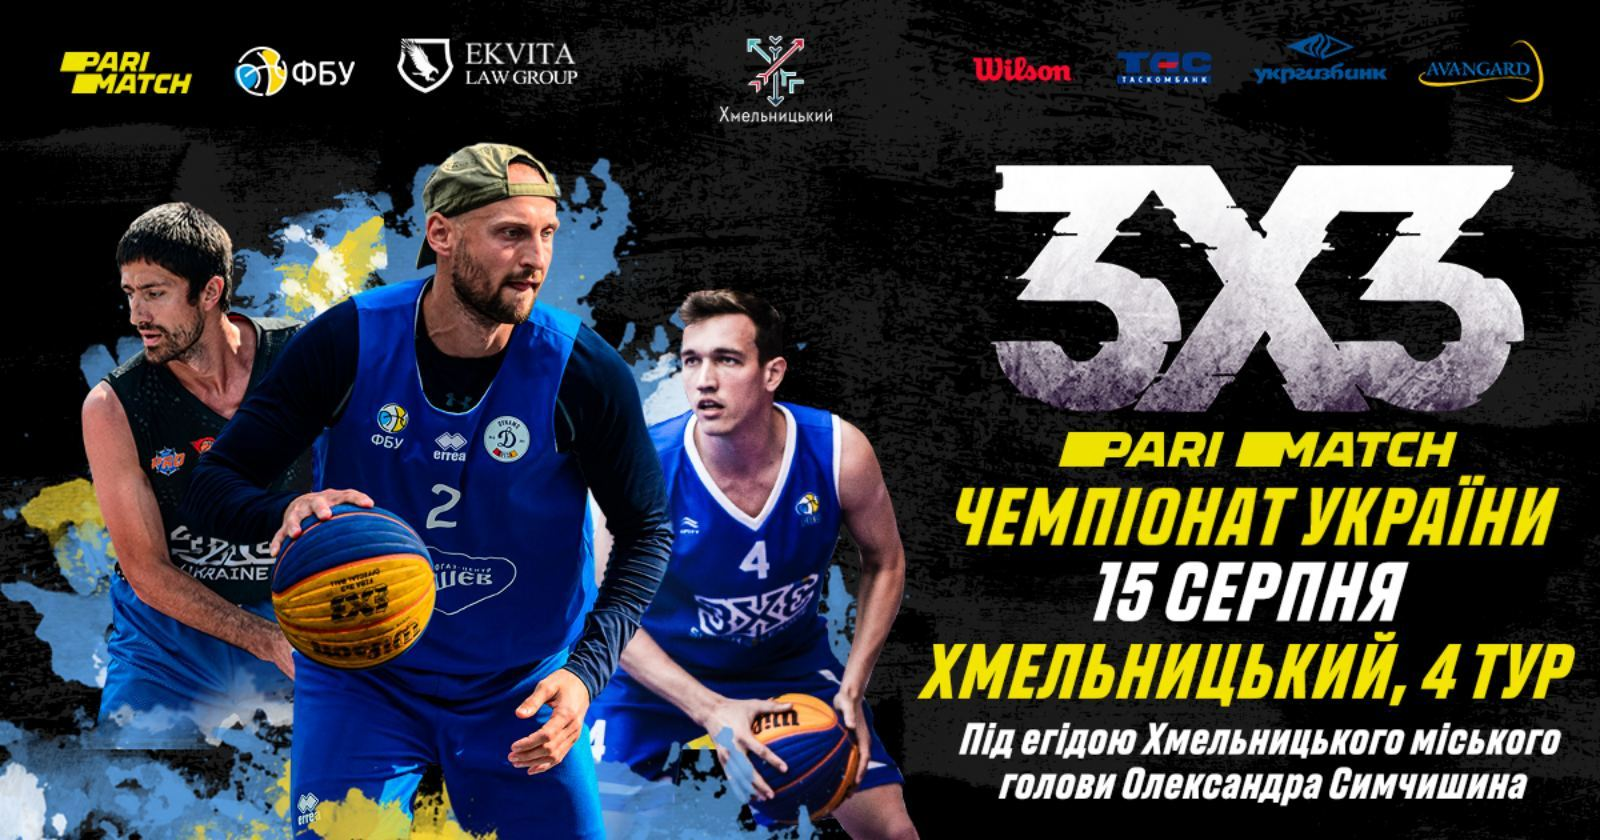 Тур у Хмельницькому - останній шанс для команд вибороти путівку у Суперфінал чемпіонату України 3х3